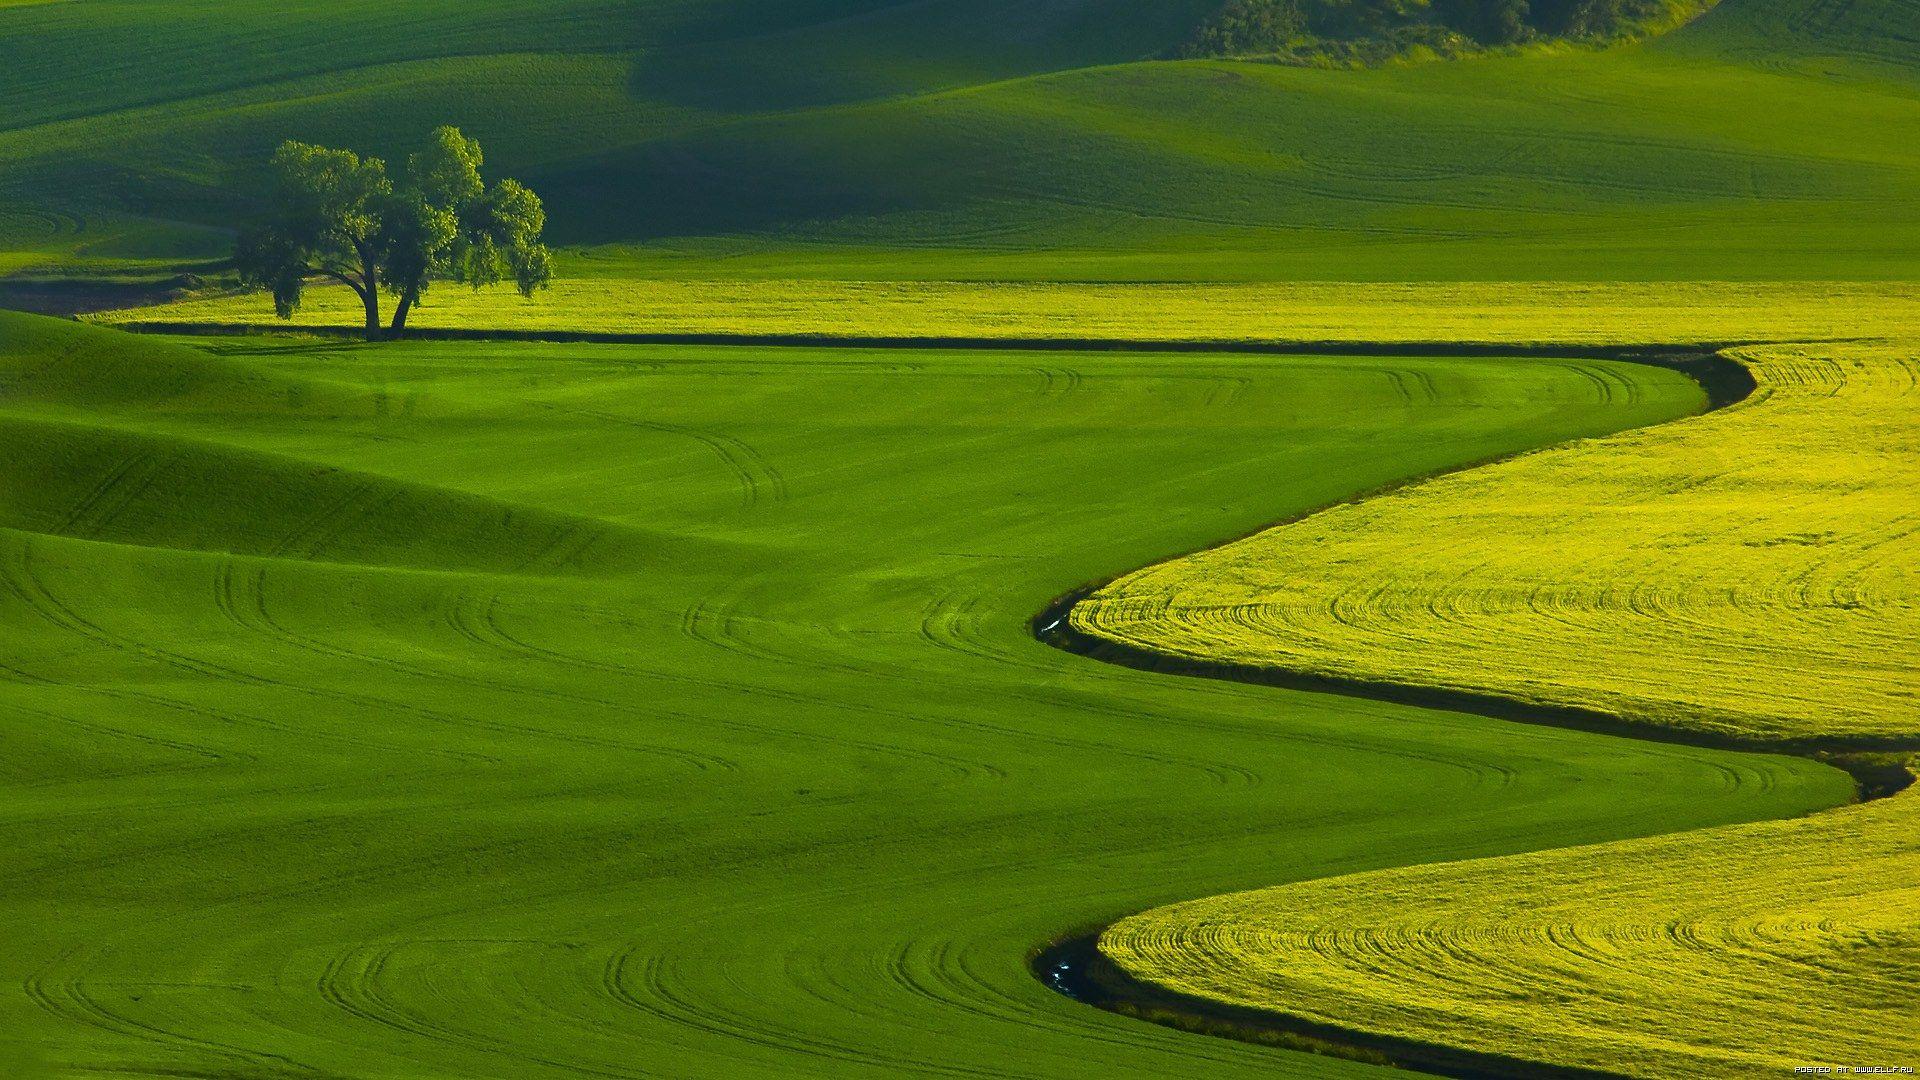 Desktop Wallpaper High Resolution 33 Beautiful Landscape Photography Landscape Photography Green Nature Wallpaper